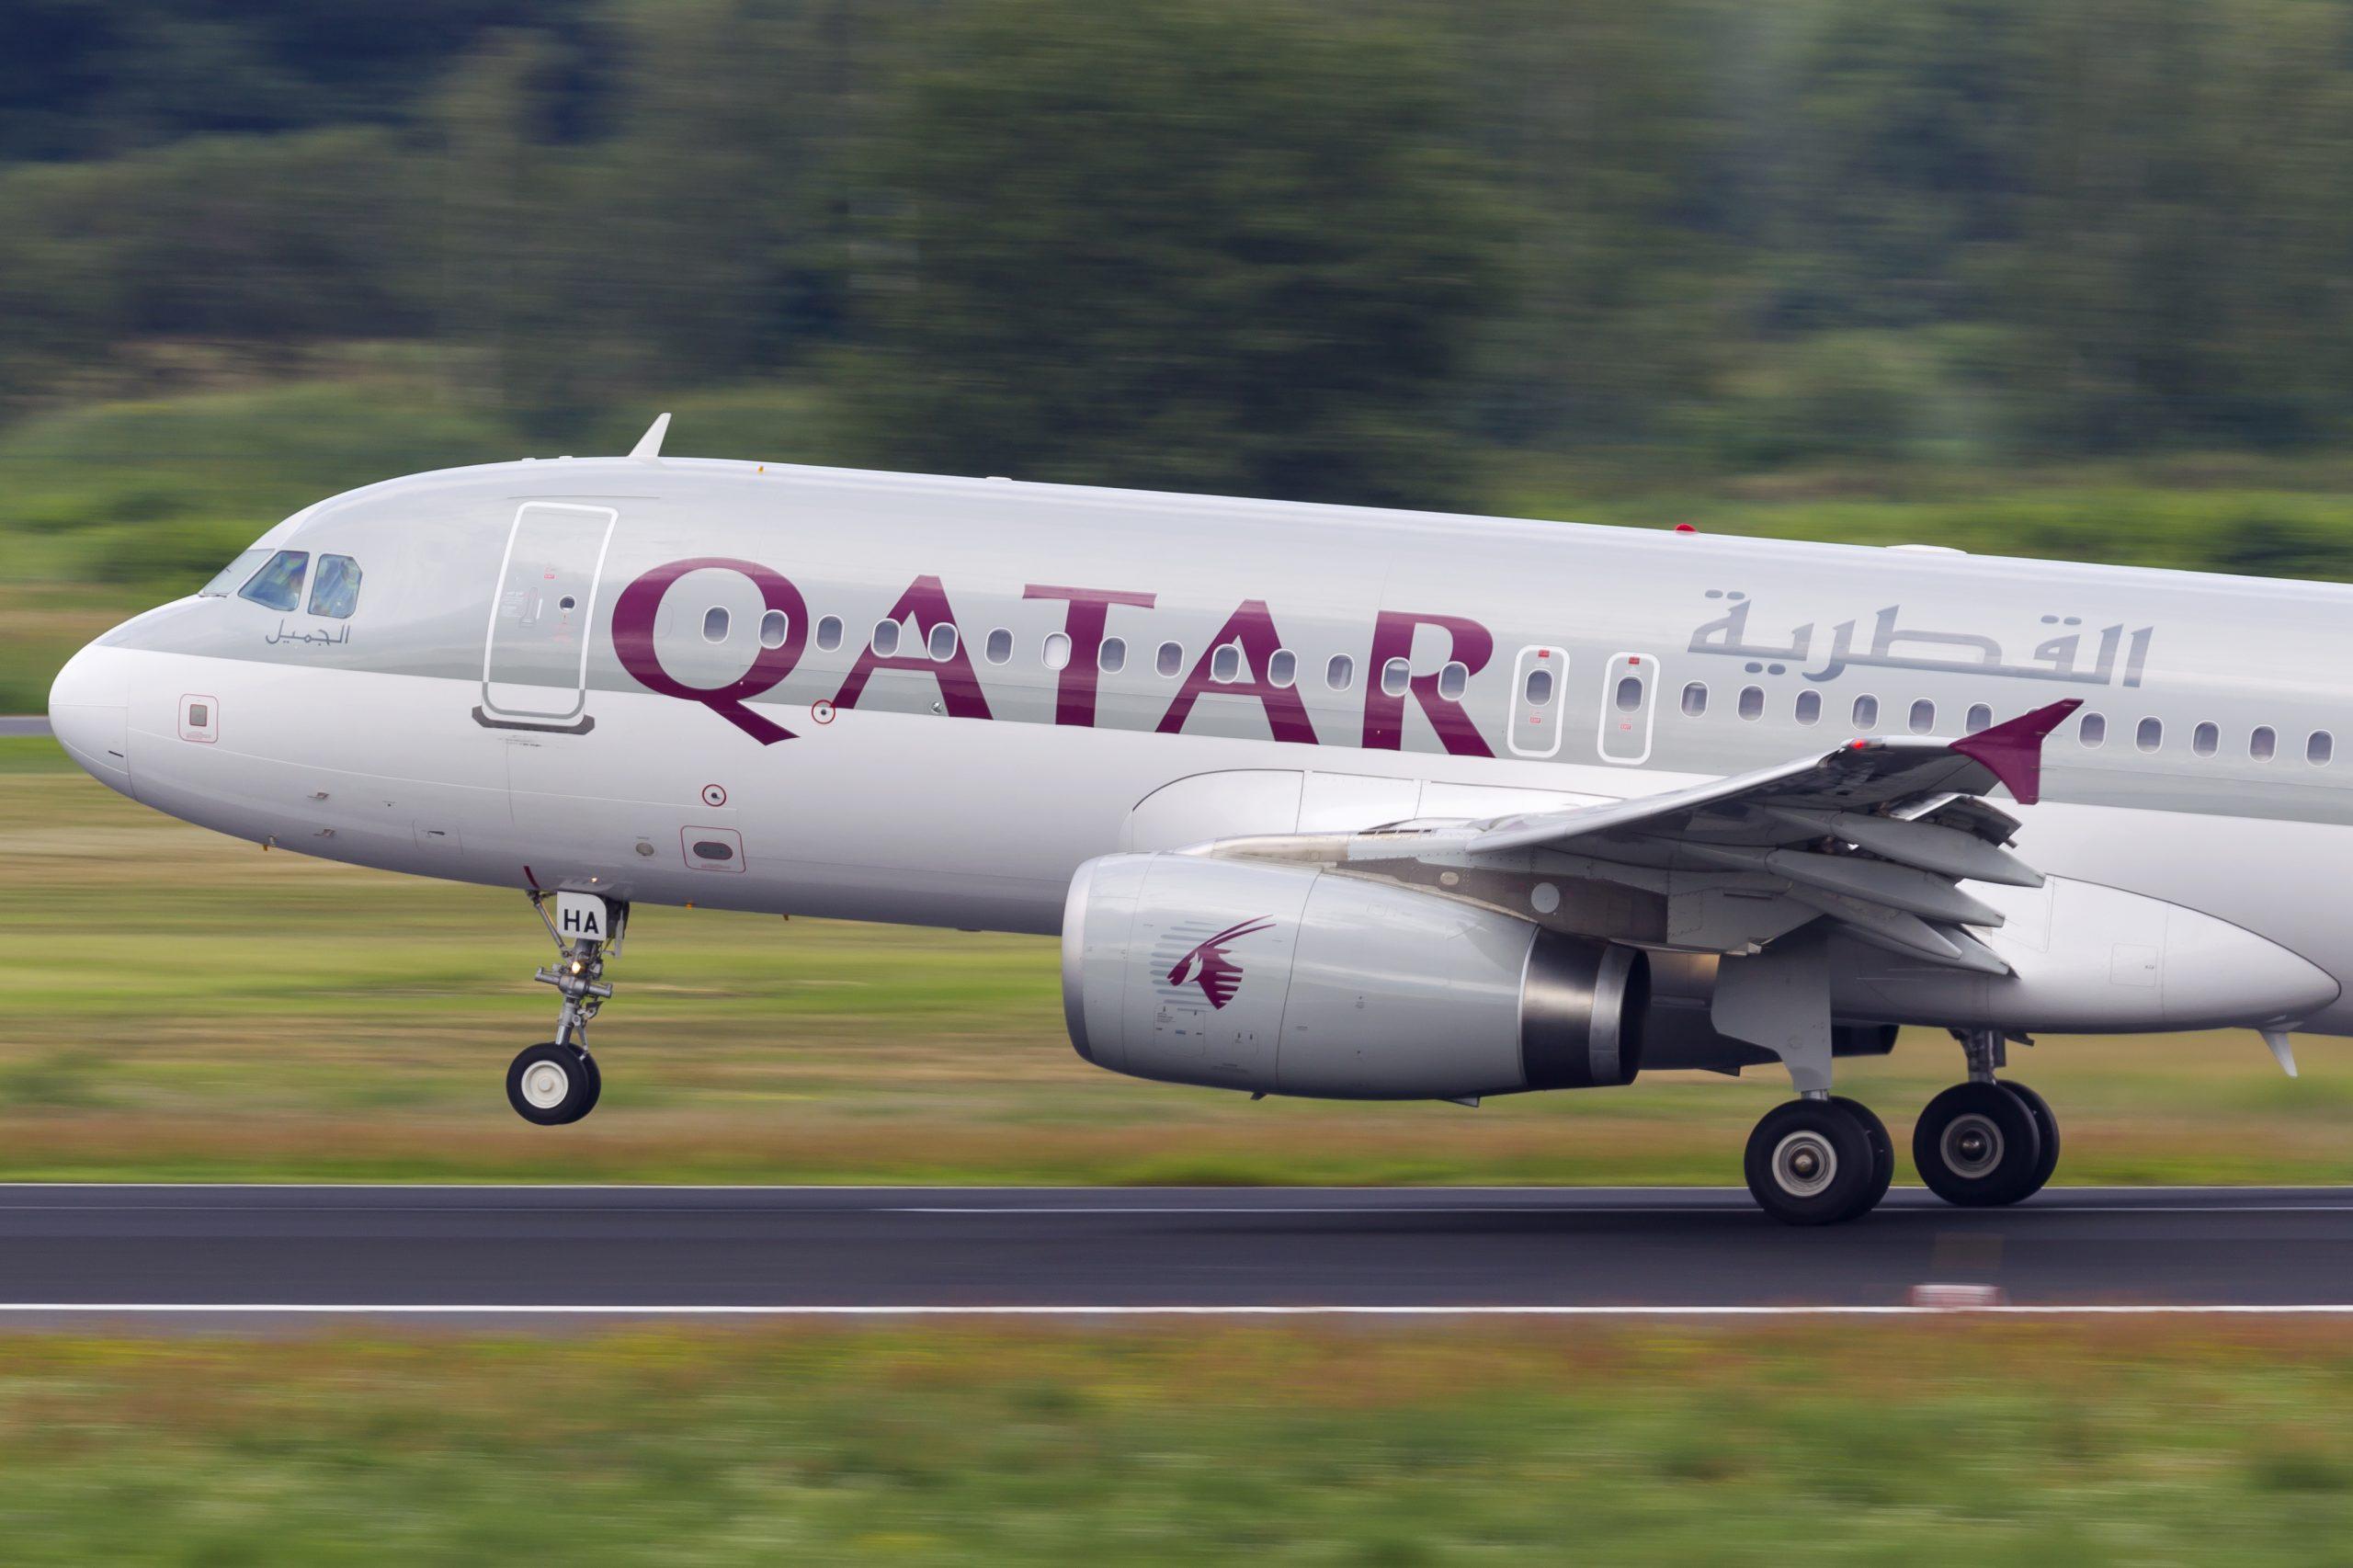 En Airbus A320-200 fra Qatar Airways. Foto: © Thorbjørn Brunander Sund, Danish Aviation Photo